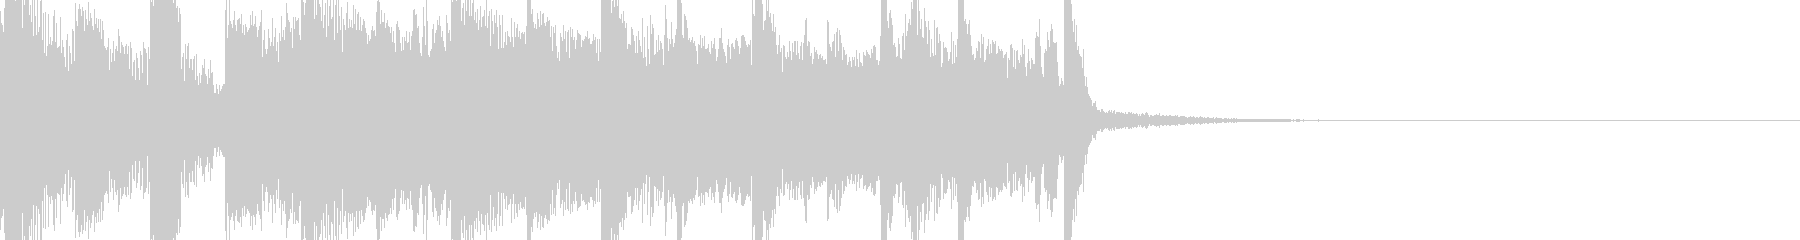 80年代の音楽っぽいファンファーレの未再生の波形